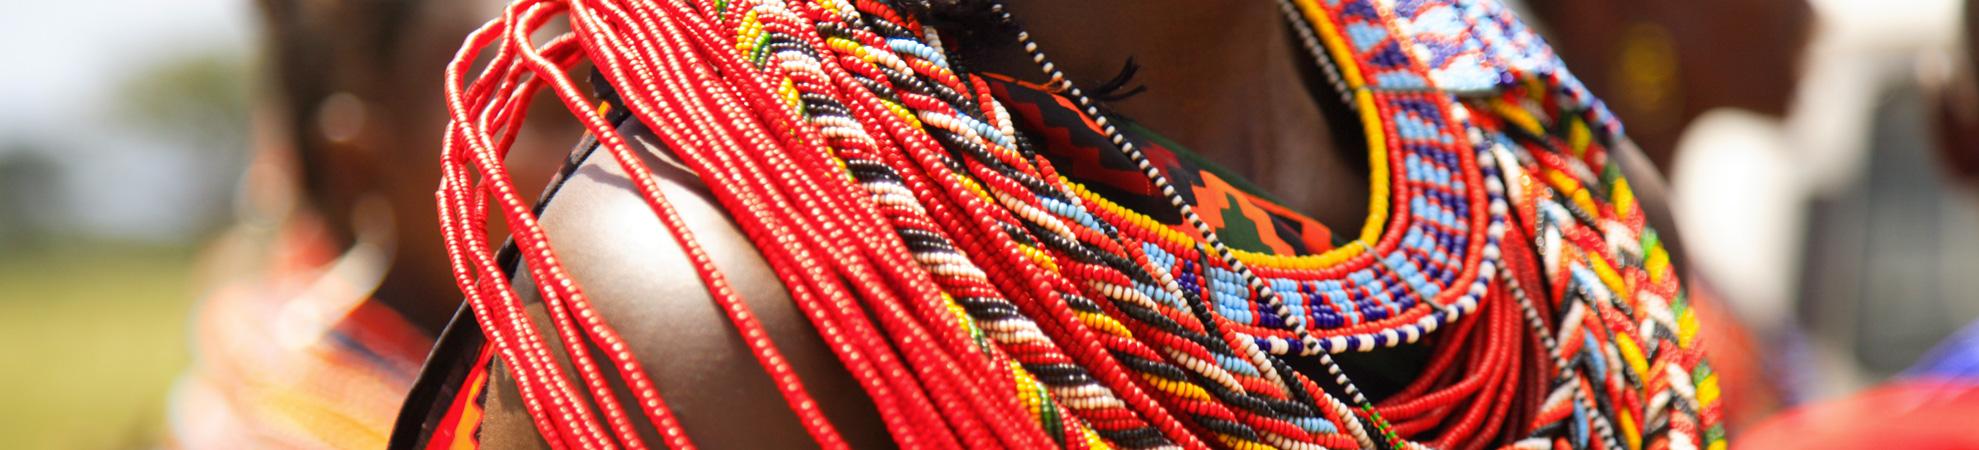 Tradition et artisanat Afrique